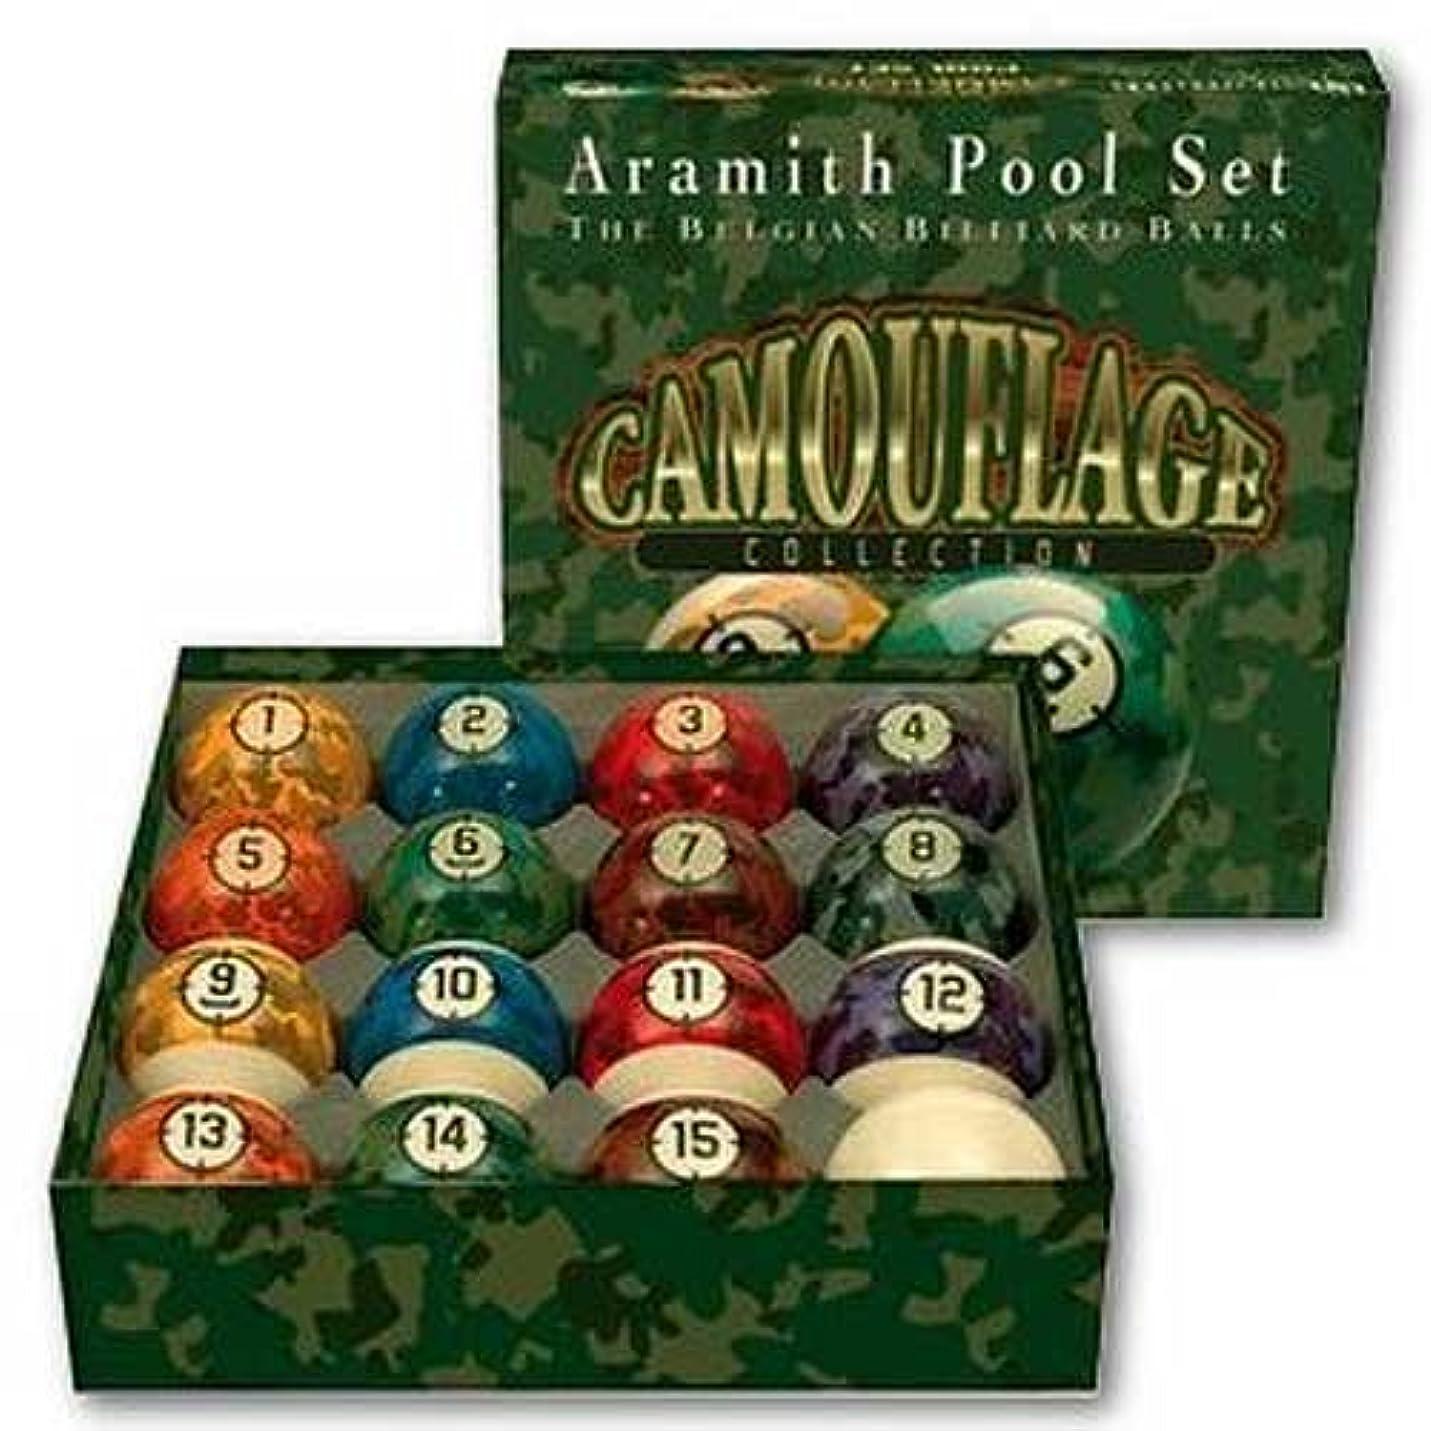 特別な快適入るAramith Camouflage Collection Billiard Ball Set